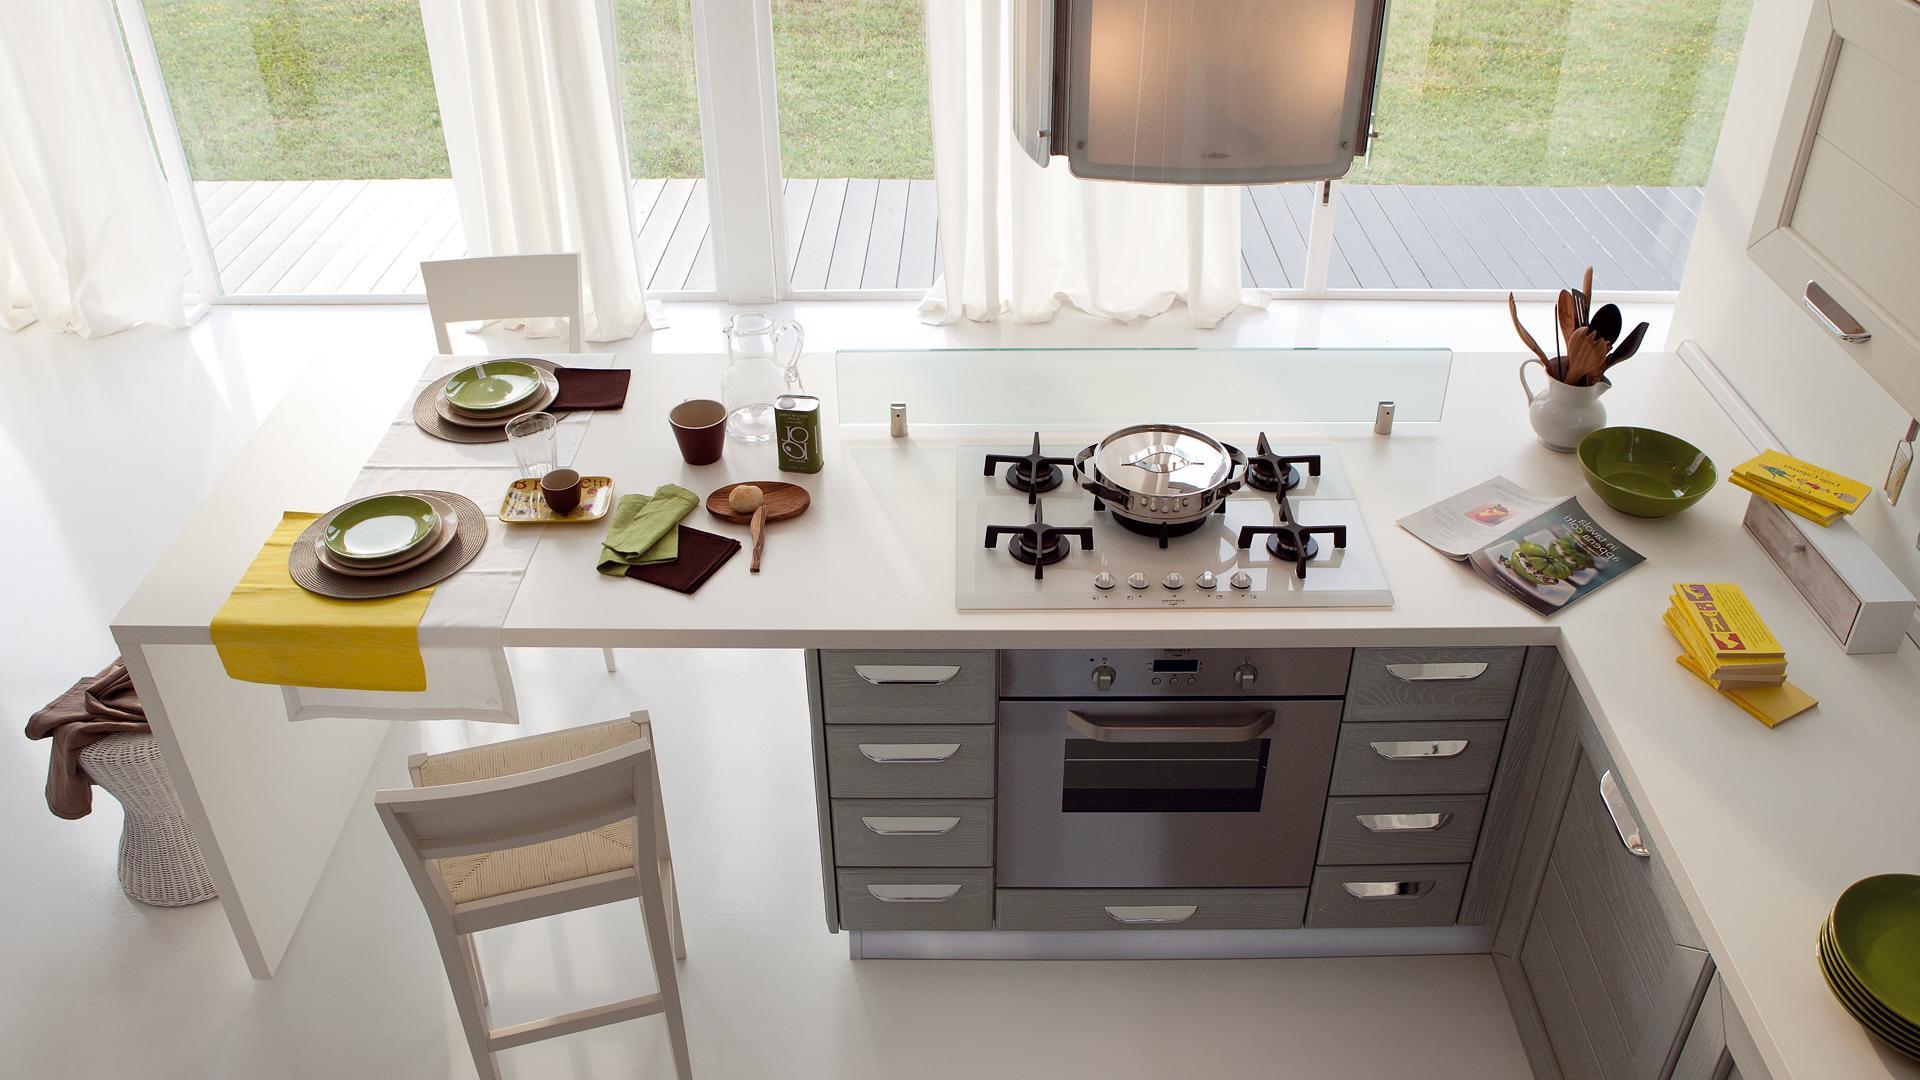 Cucina classica LUBE \'CLAUDIA\' - stile contemporaneo per una ...